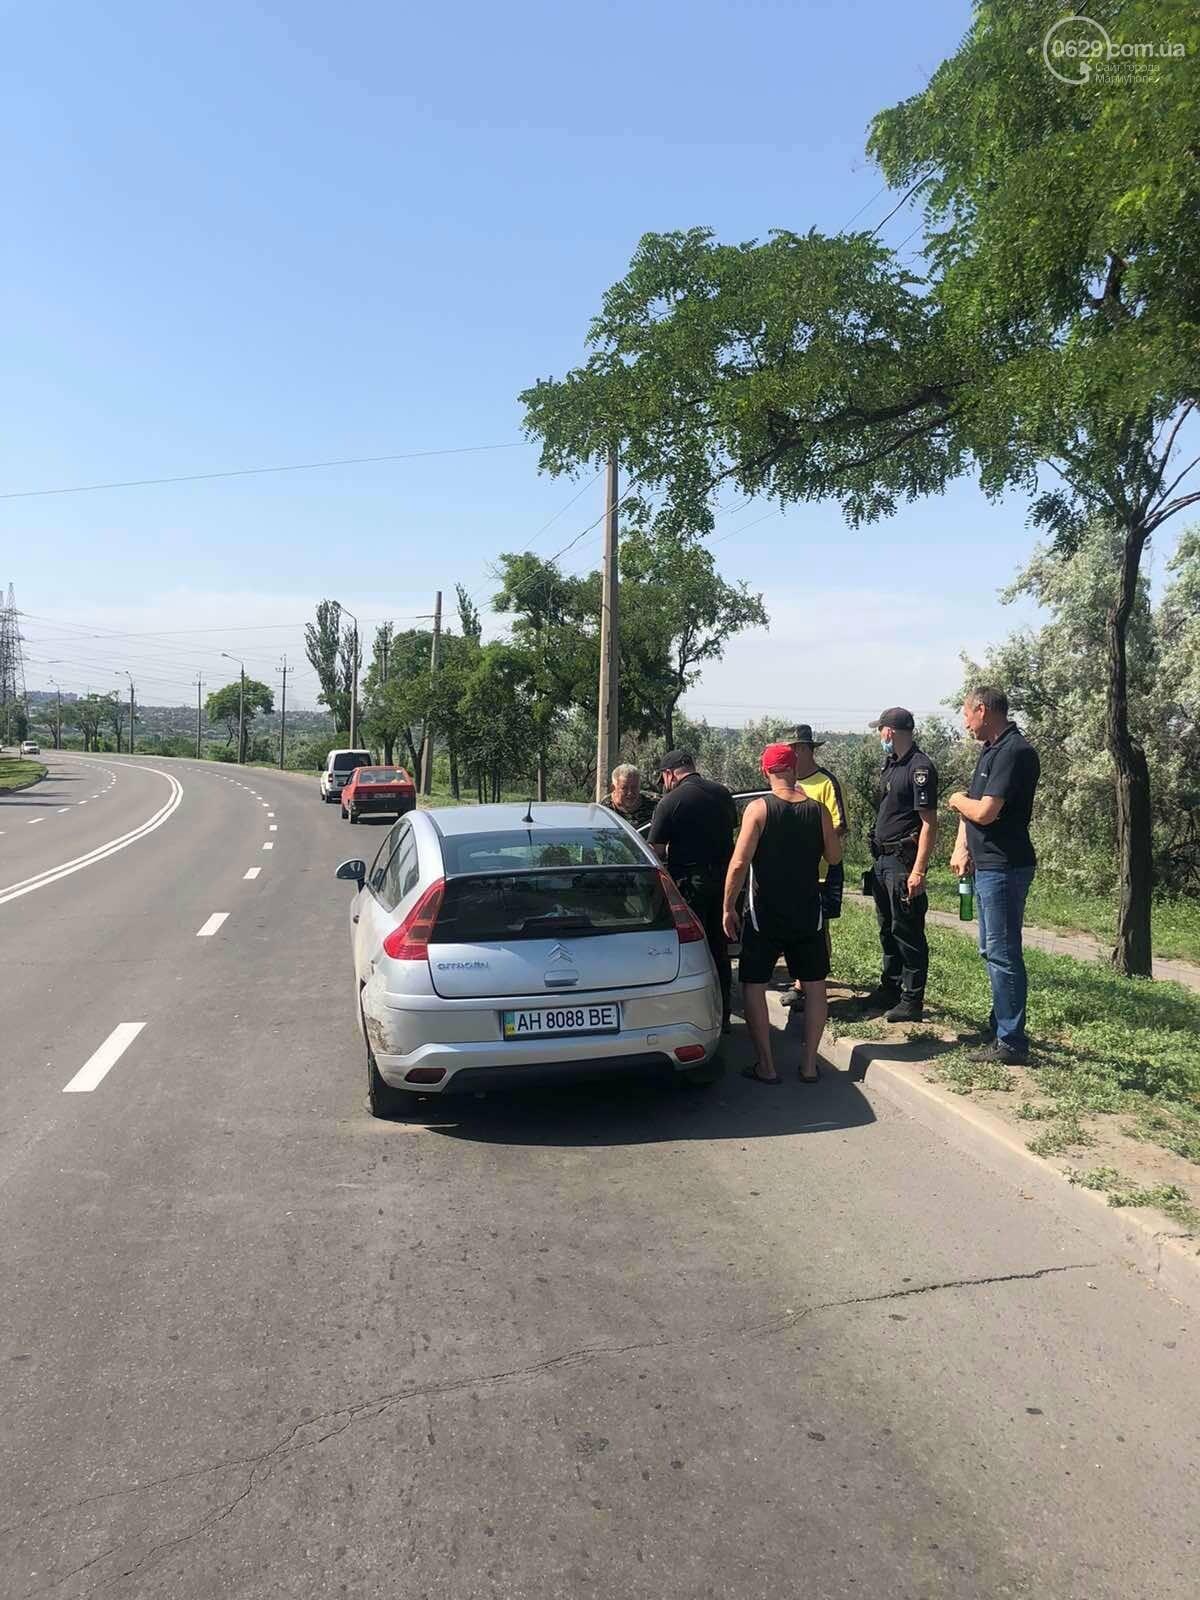 Серьезная авария в Кальмиусском районе. ВАЗ с пассажирами вылетел в кювет, четверо пострадавших, - ФОТО, фото-5